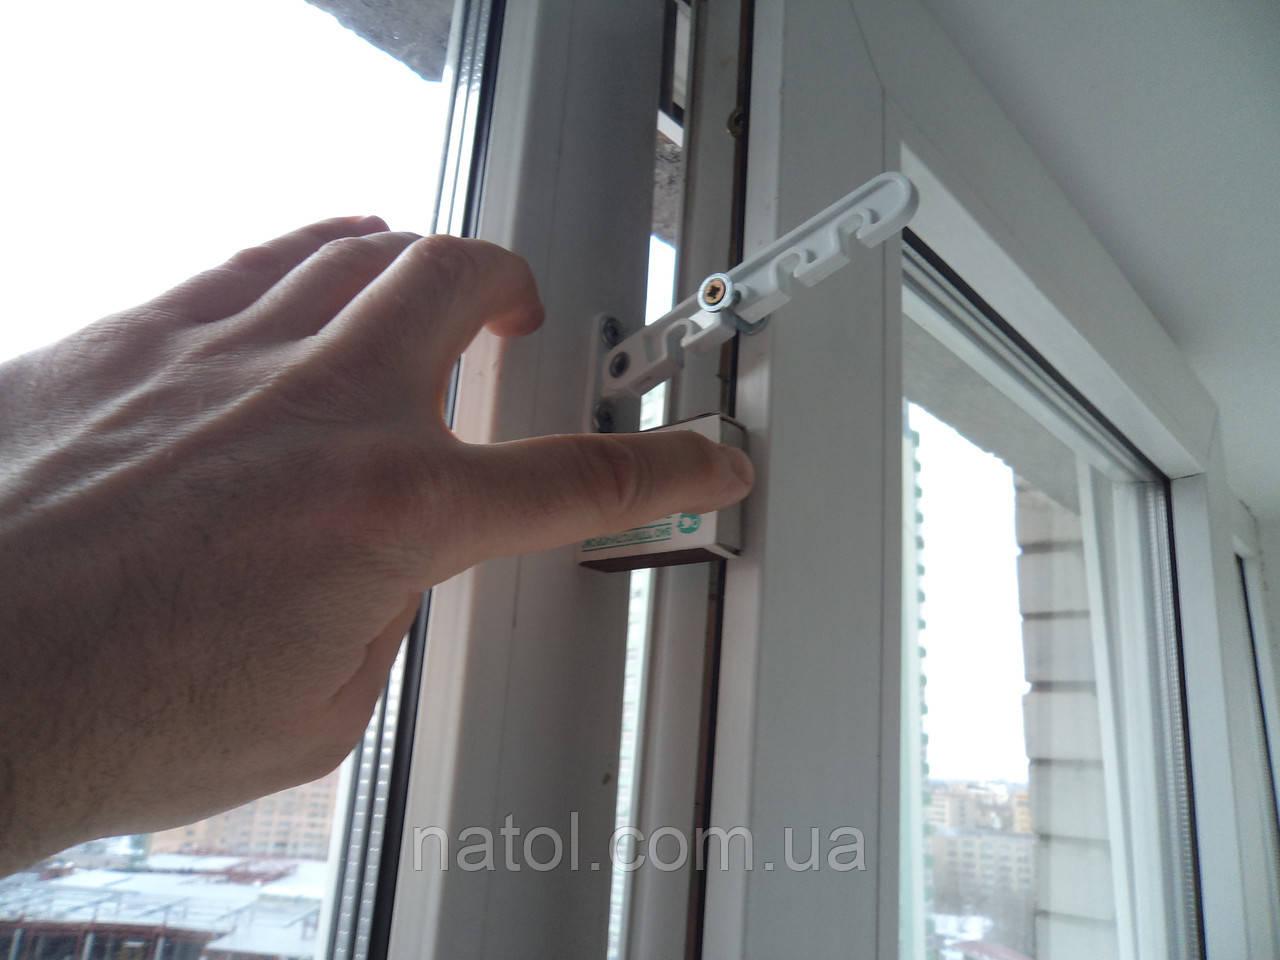 Модернизация окон в москве - eco-okna.